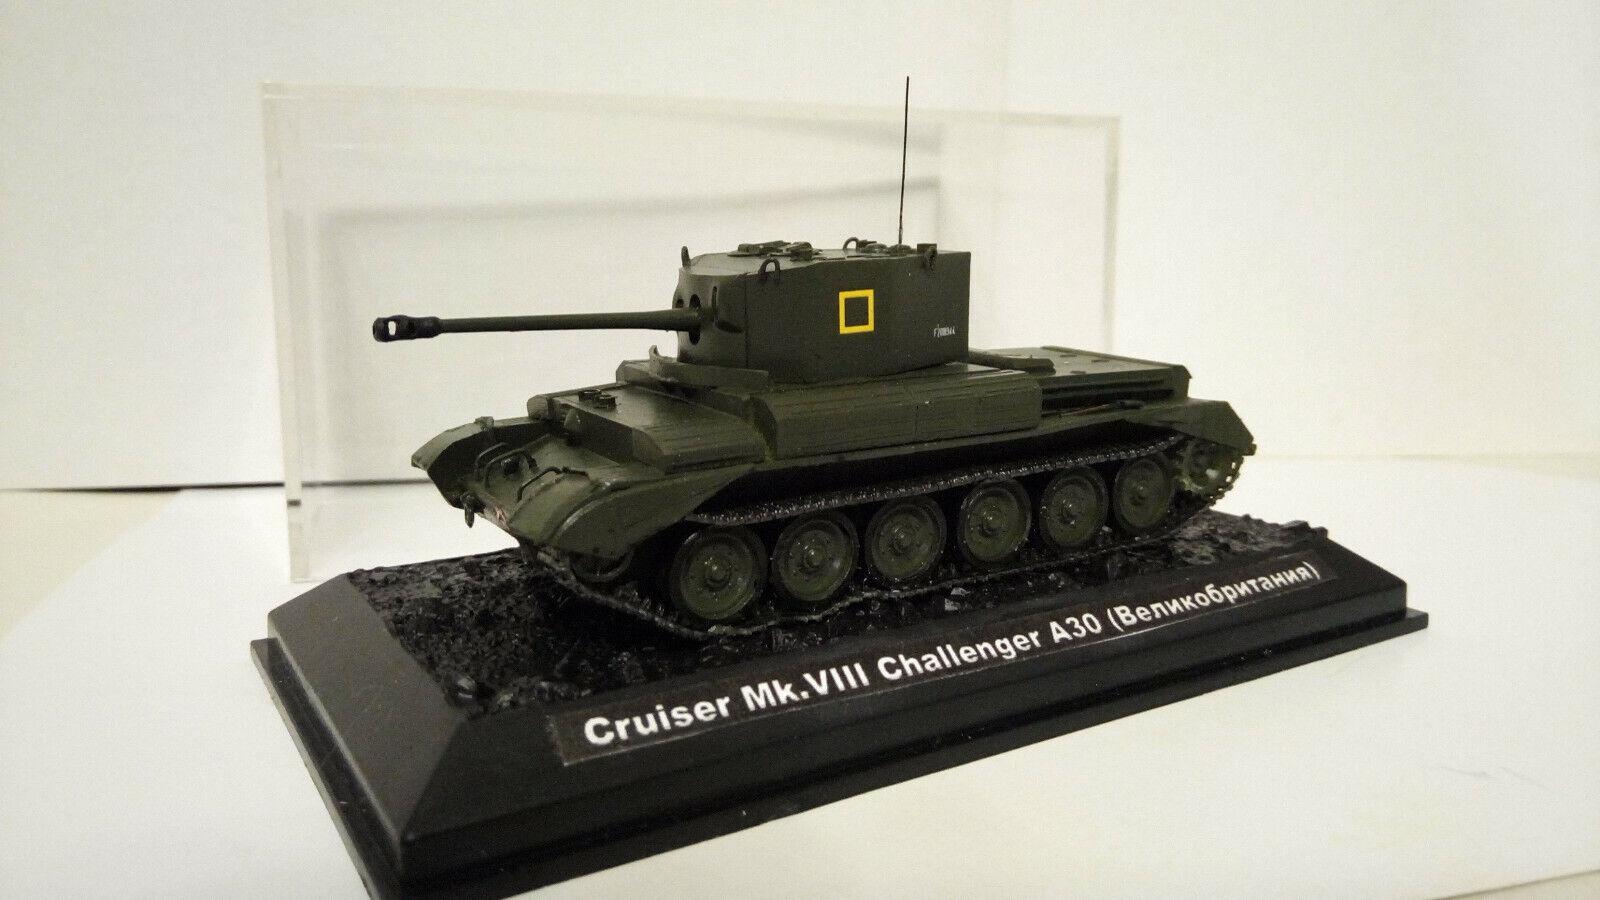 Cruiser tank mk. viii challenger a30 (1 72) resin